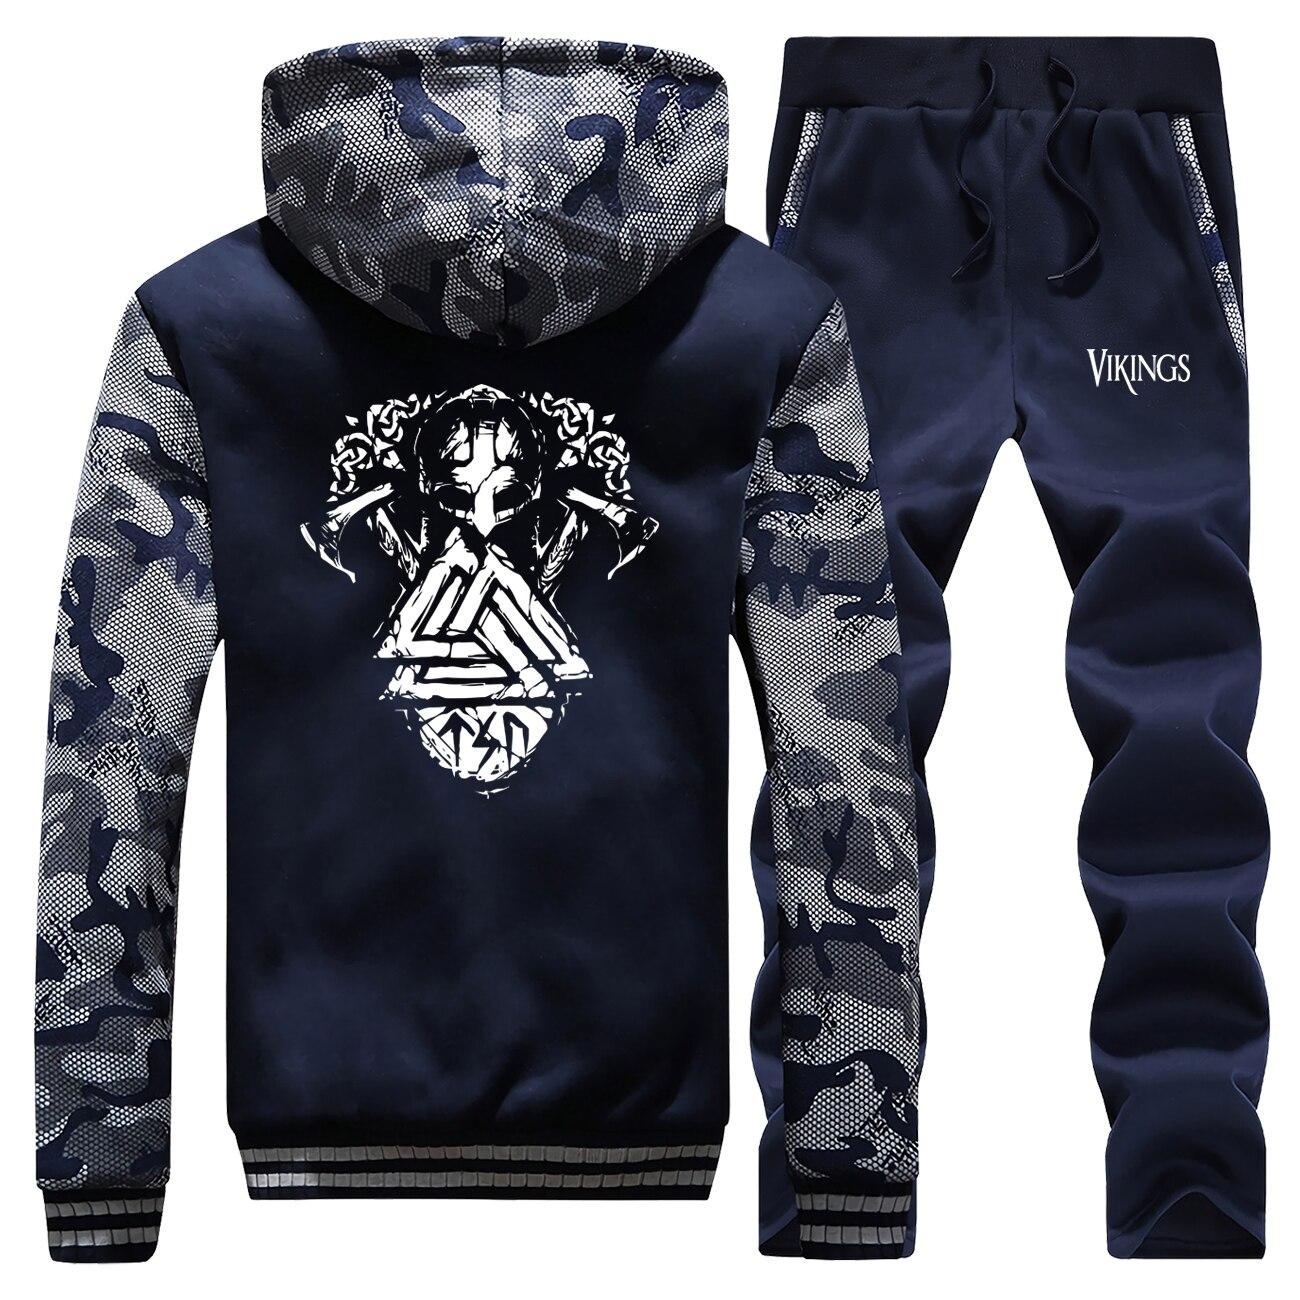 Winter 2019 Streetwear Mens Casual Raglan Hoodie Camouflage Vikings Retro Printed Coat Thick Suit Hooded+Sweatpants 2 Piece Set